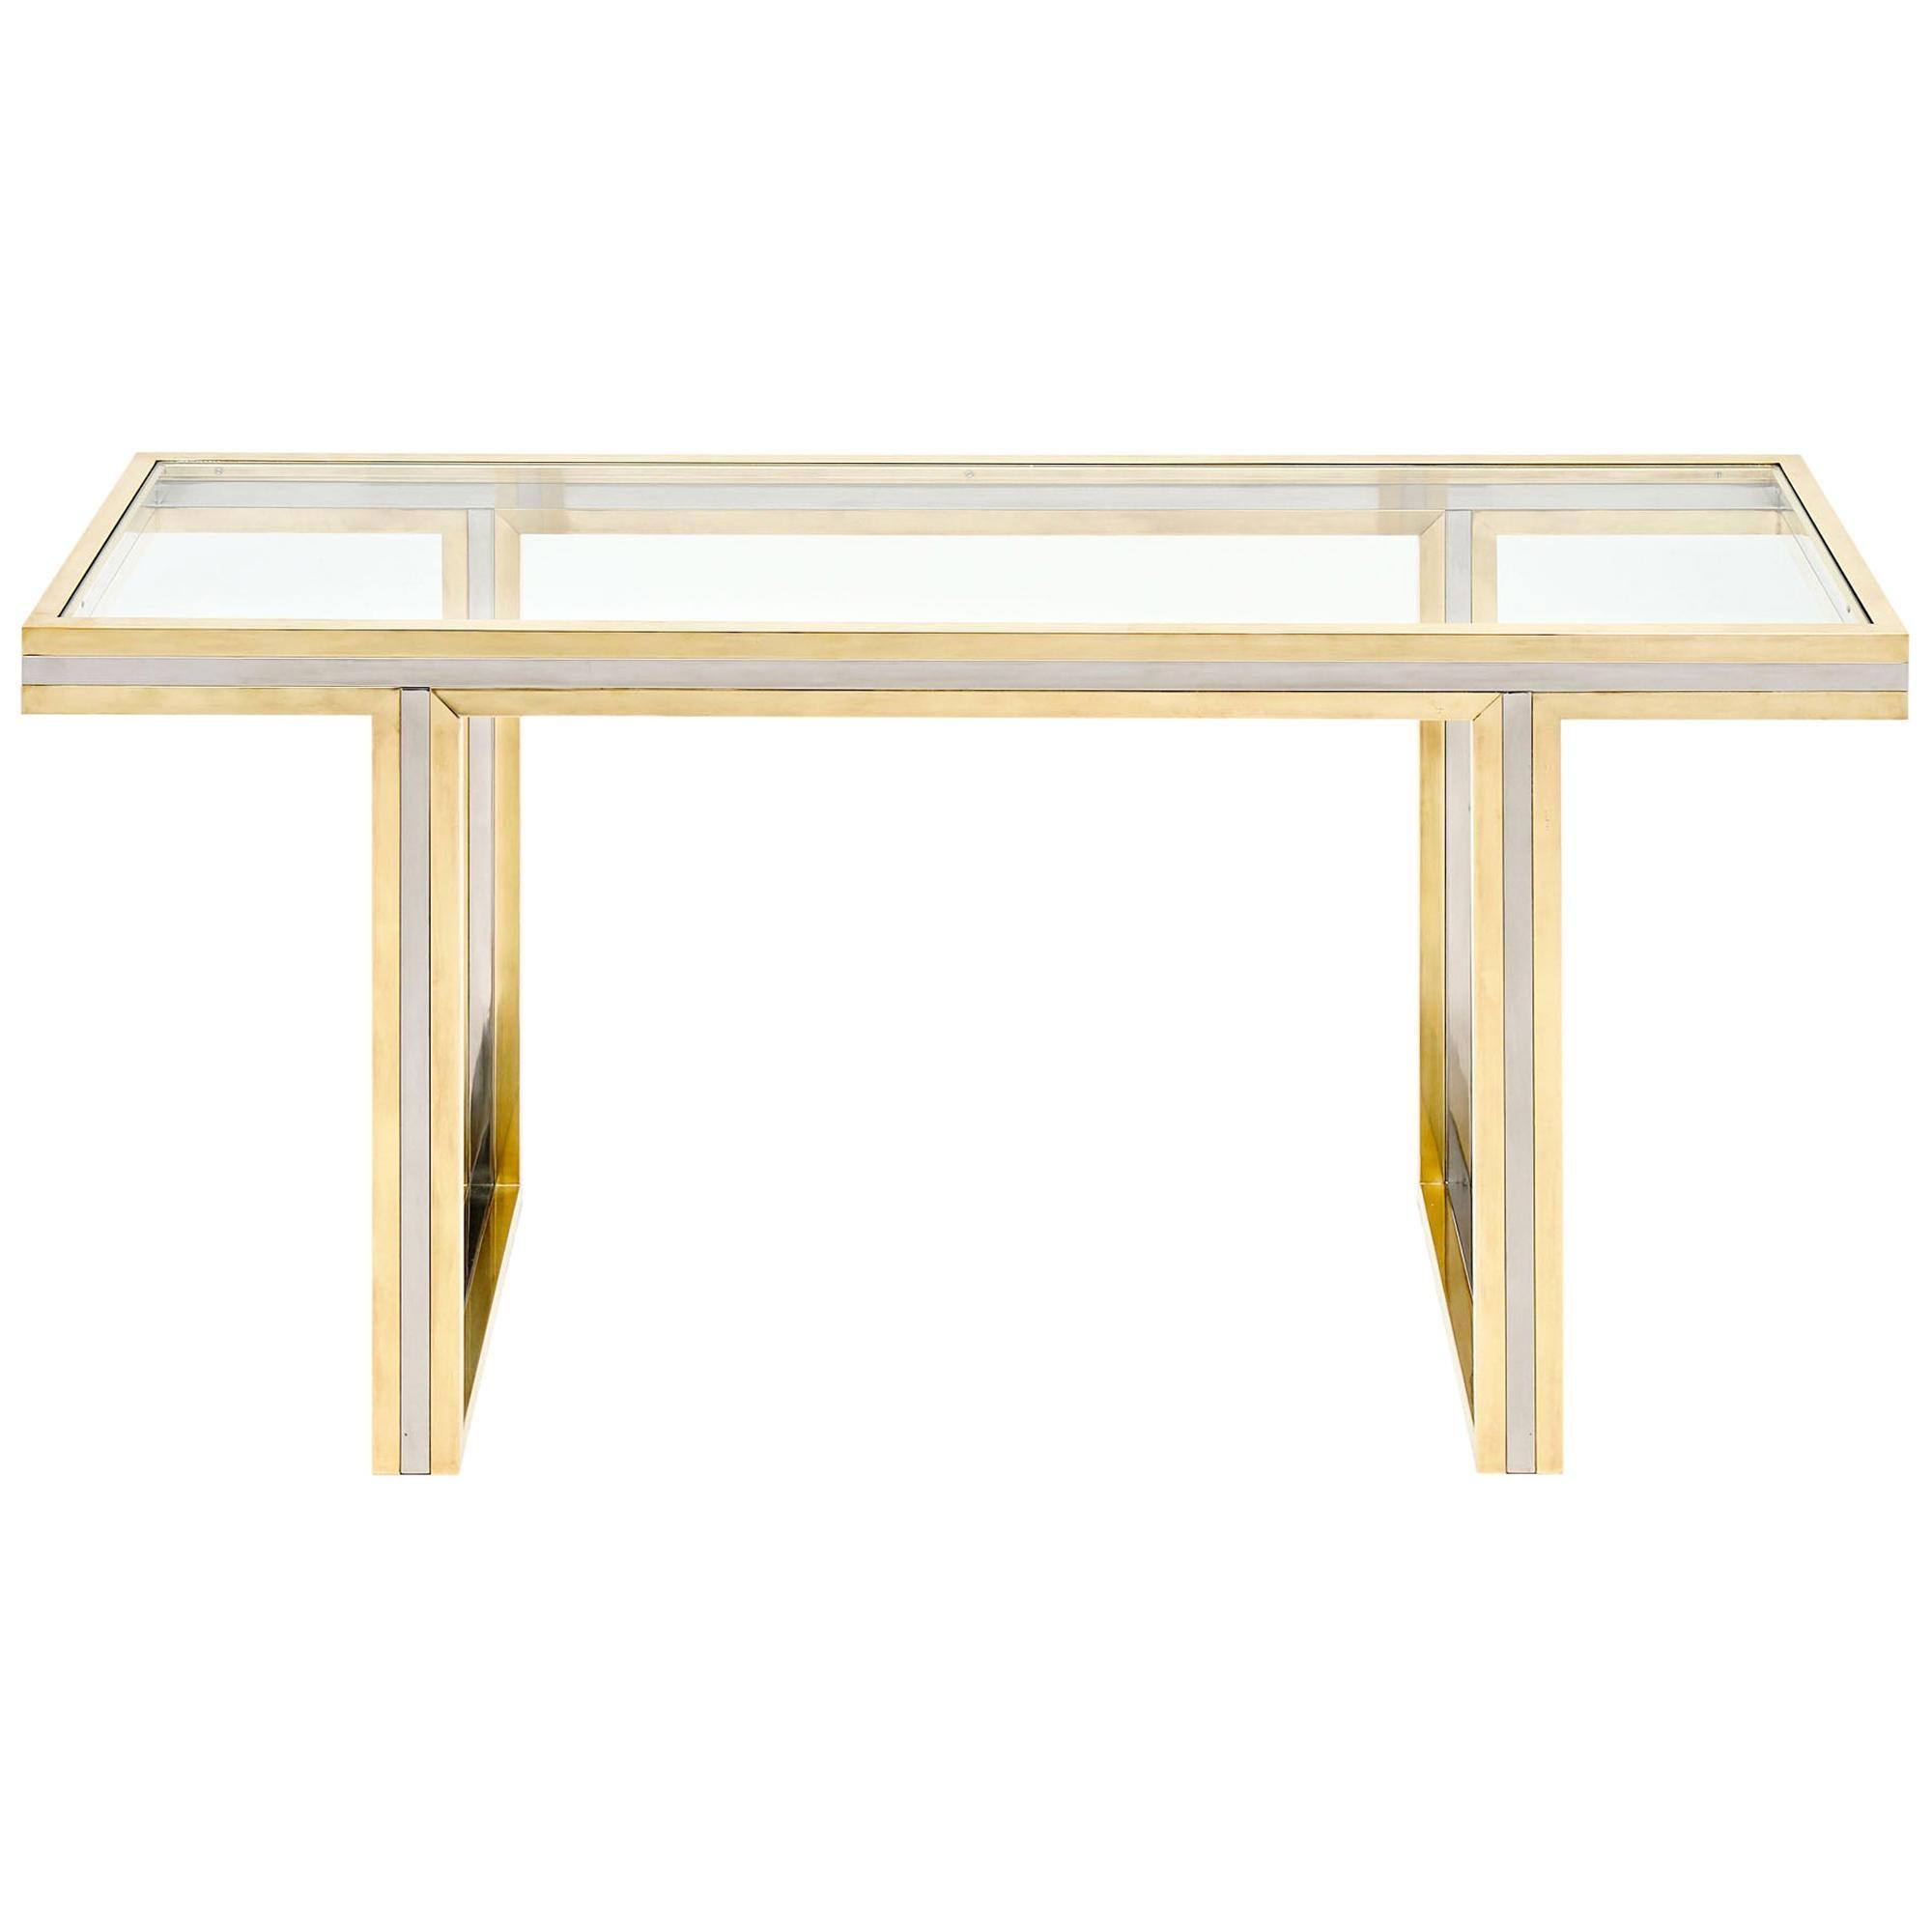 Romeo Rega Signed Console Table